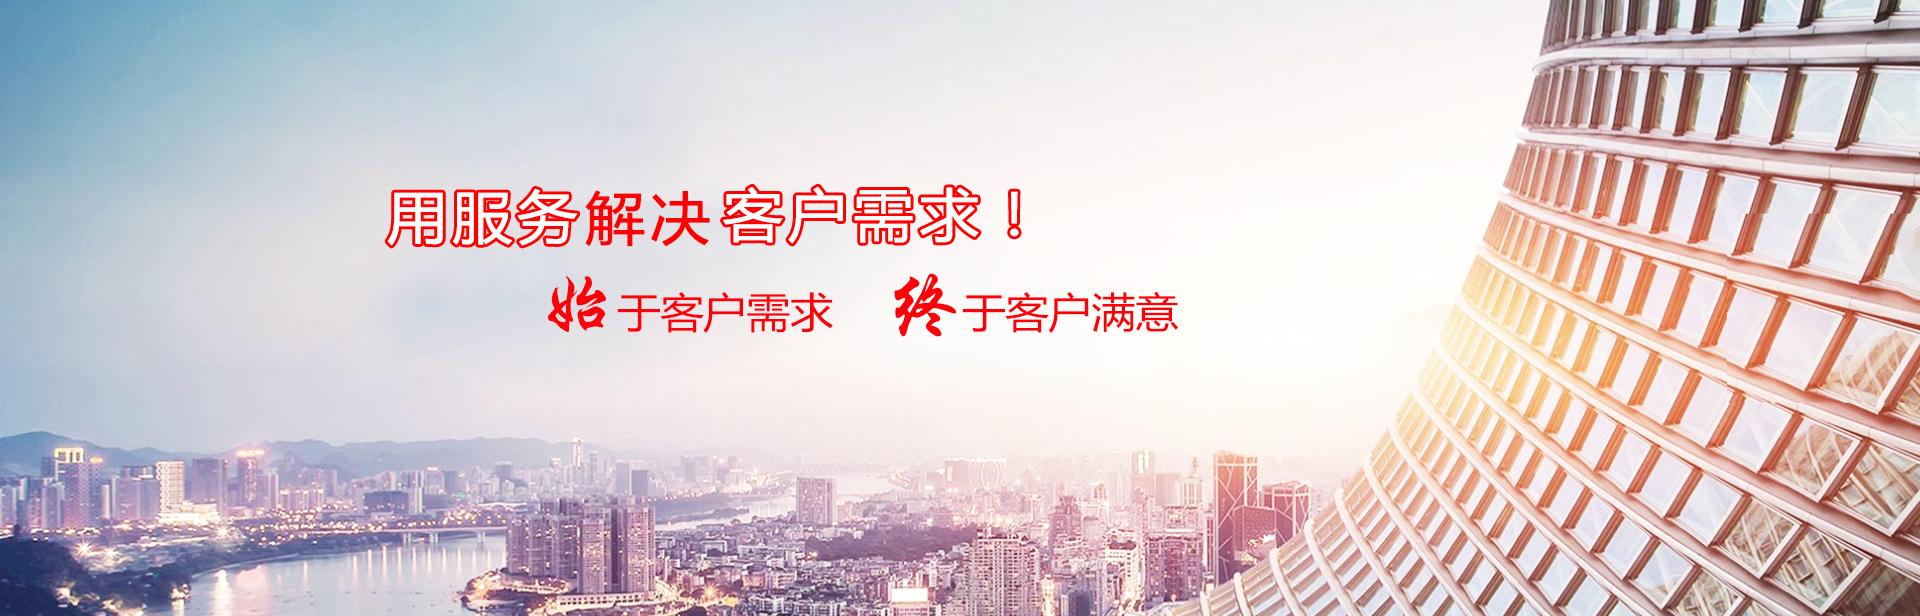 甘肃中央空调工程